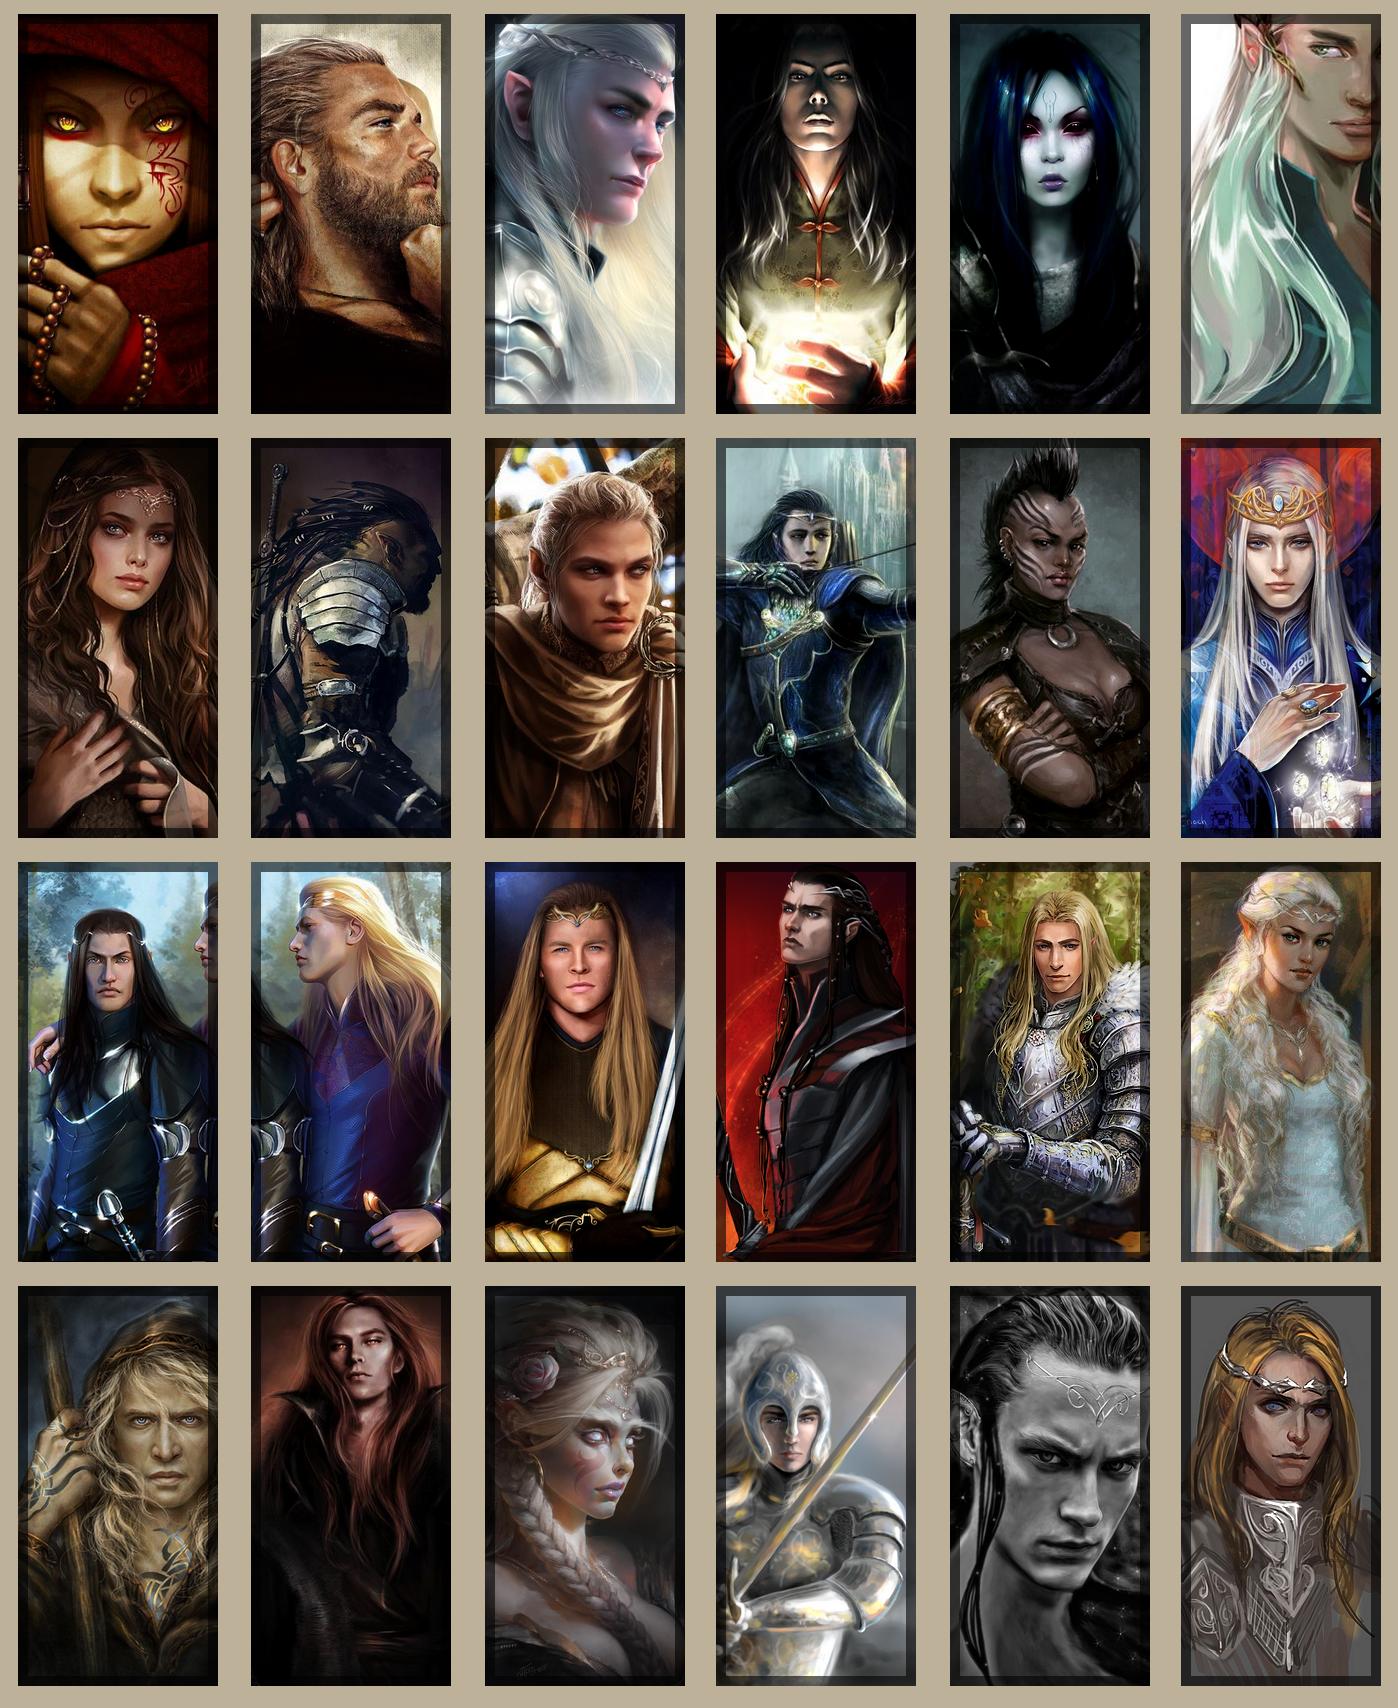 Galerie d'avatars - Inspiration et idées de personnage 991120avatars2